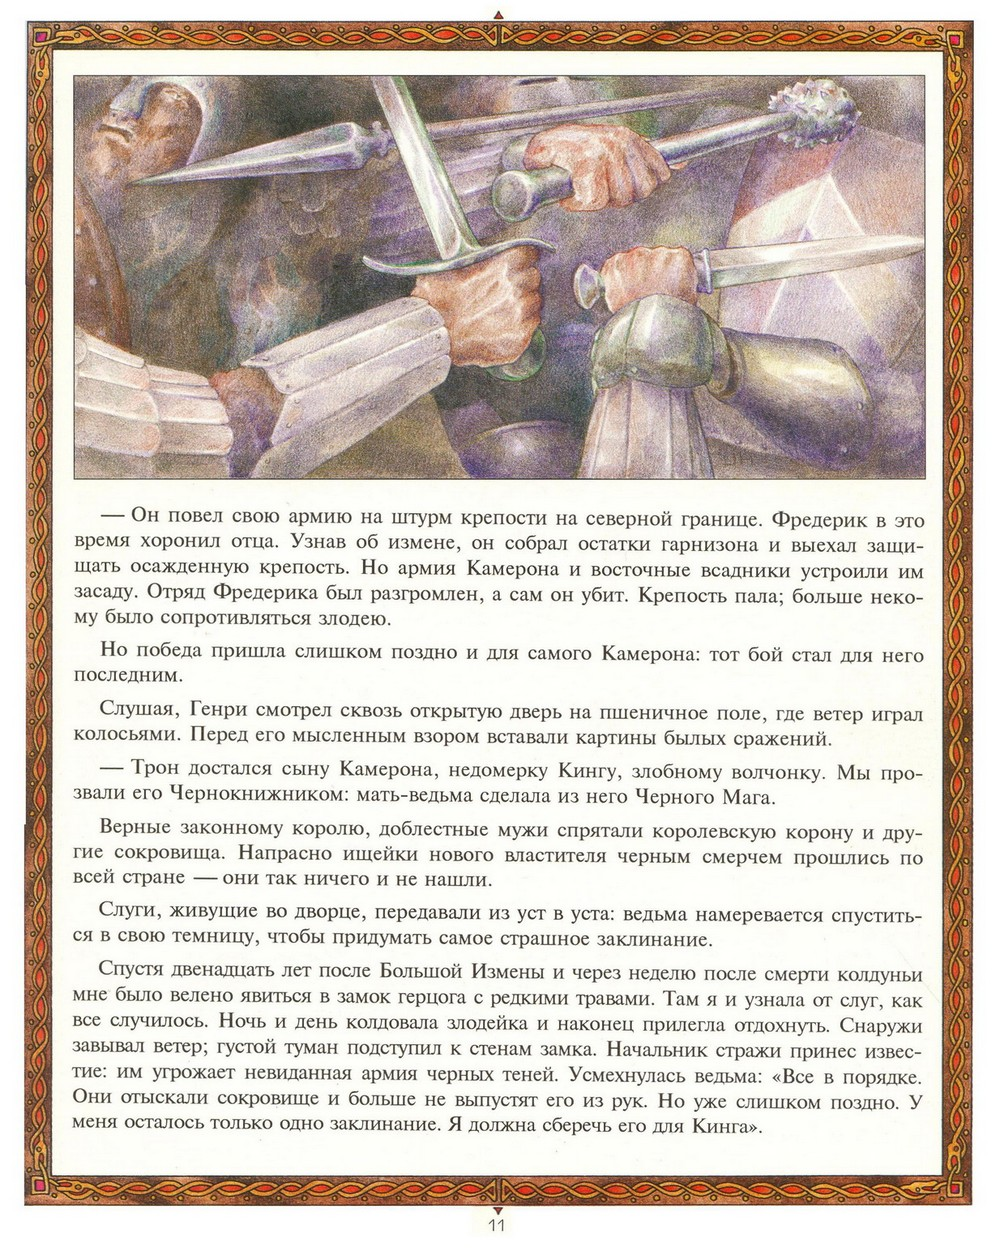 http://images.vfl.ru/ii/1362056495/cc8957b1/1850129.jpg